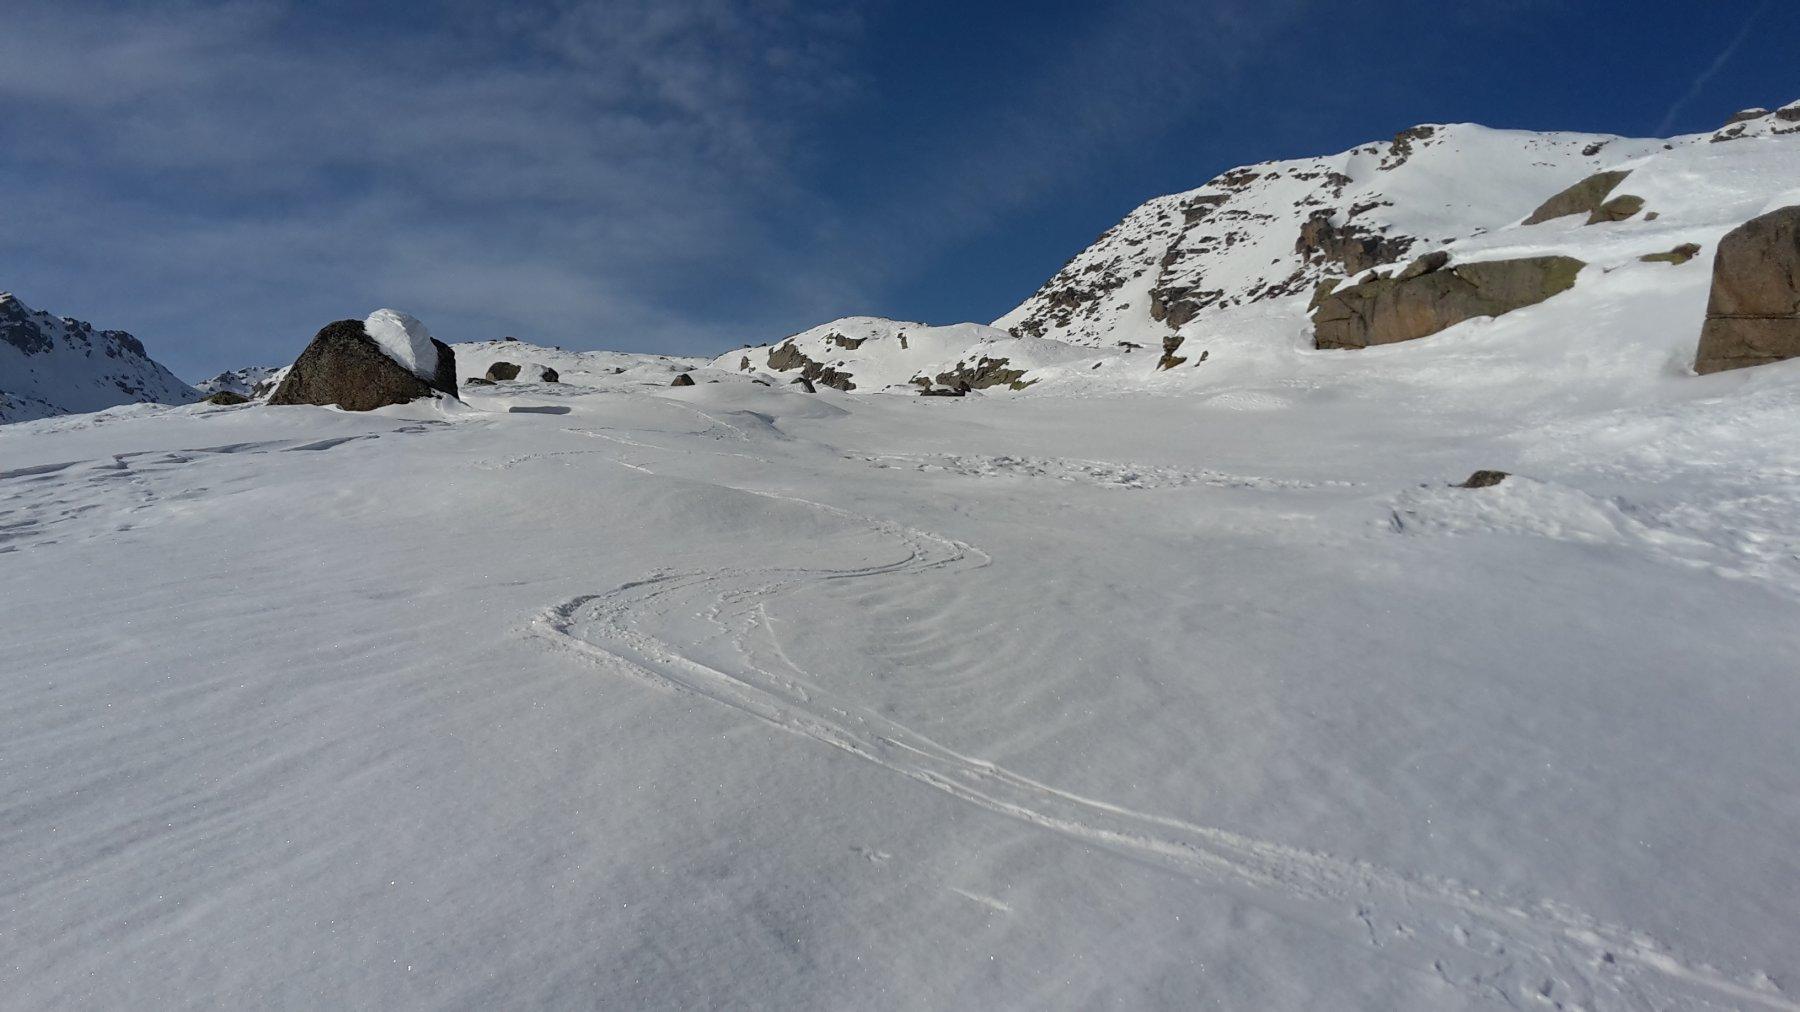 Neve in miglioramento